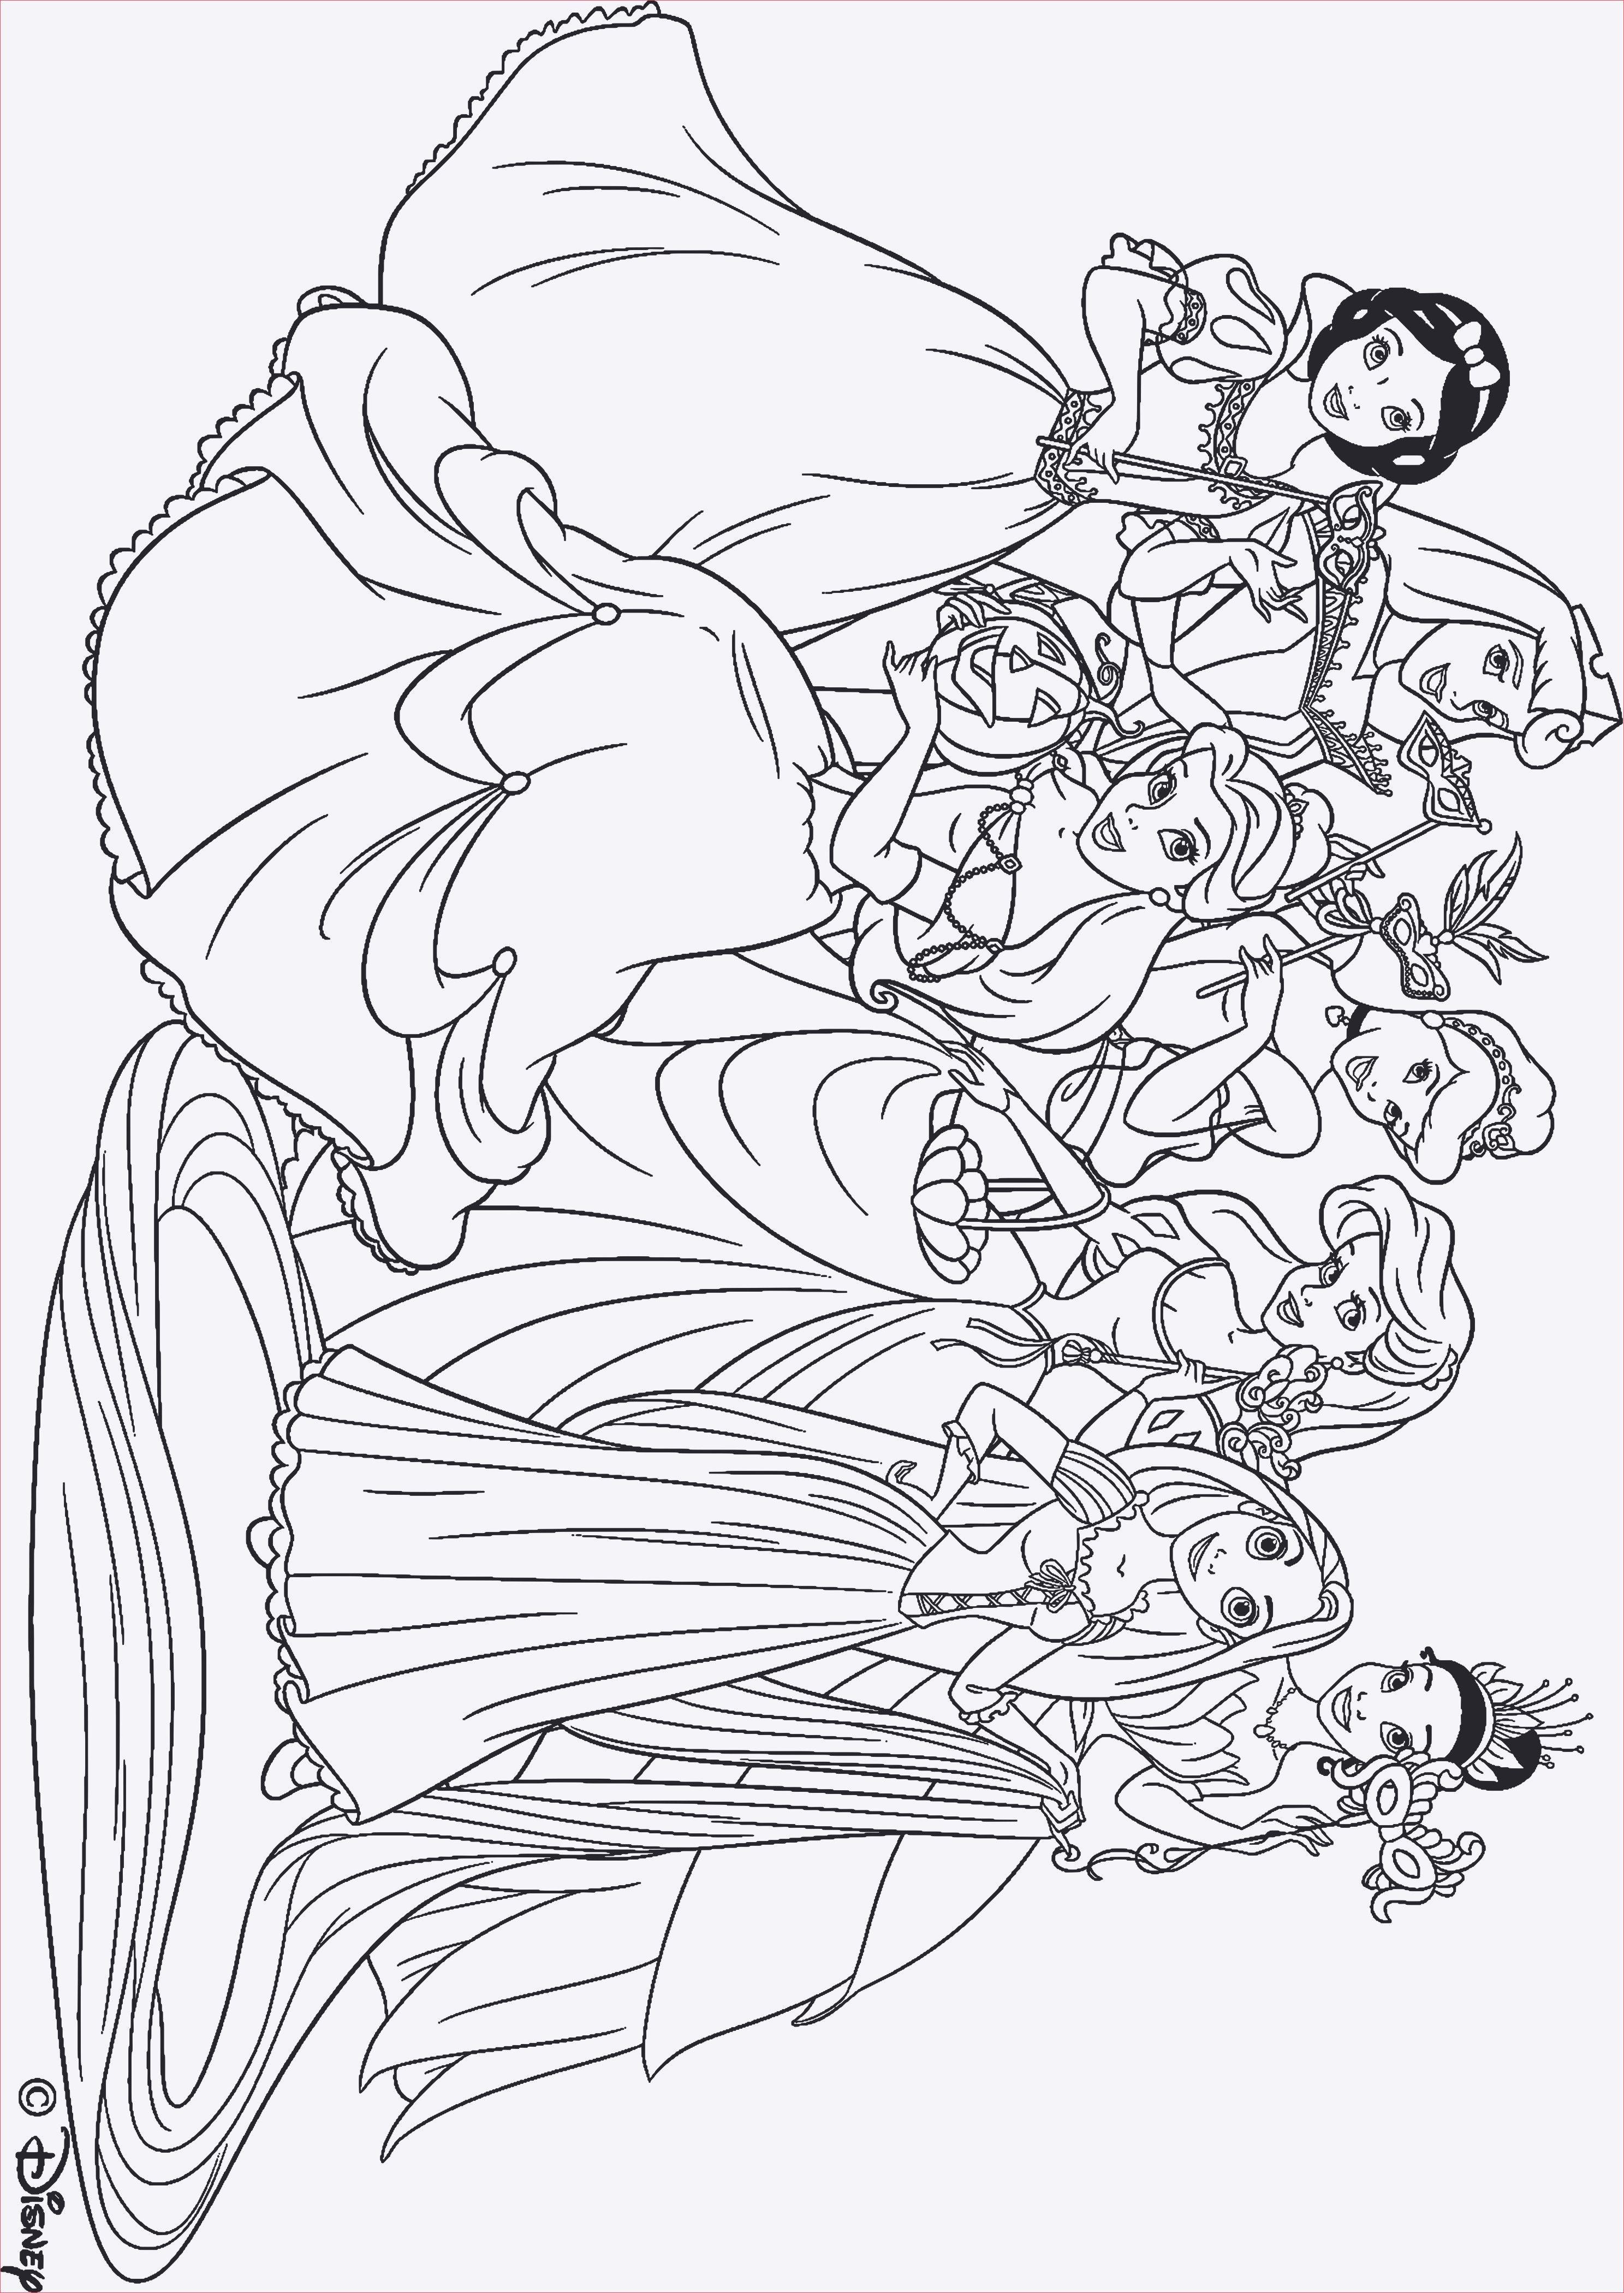 Ausmalbilder Kostenlos Violetta Genial Malvorlagen Gratis Prinzessin Disney Best Violetta Ausmalbilder Galerie